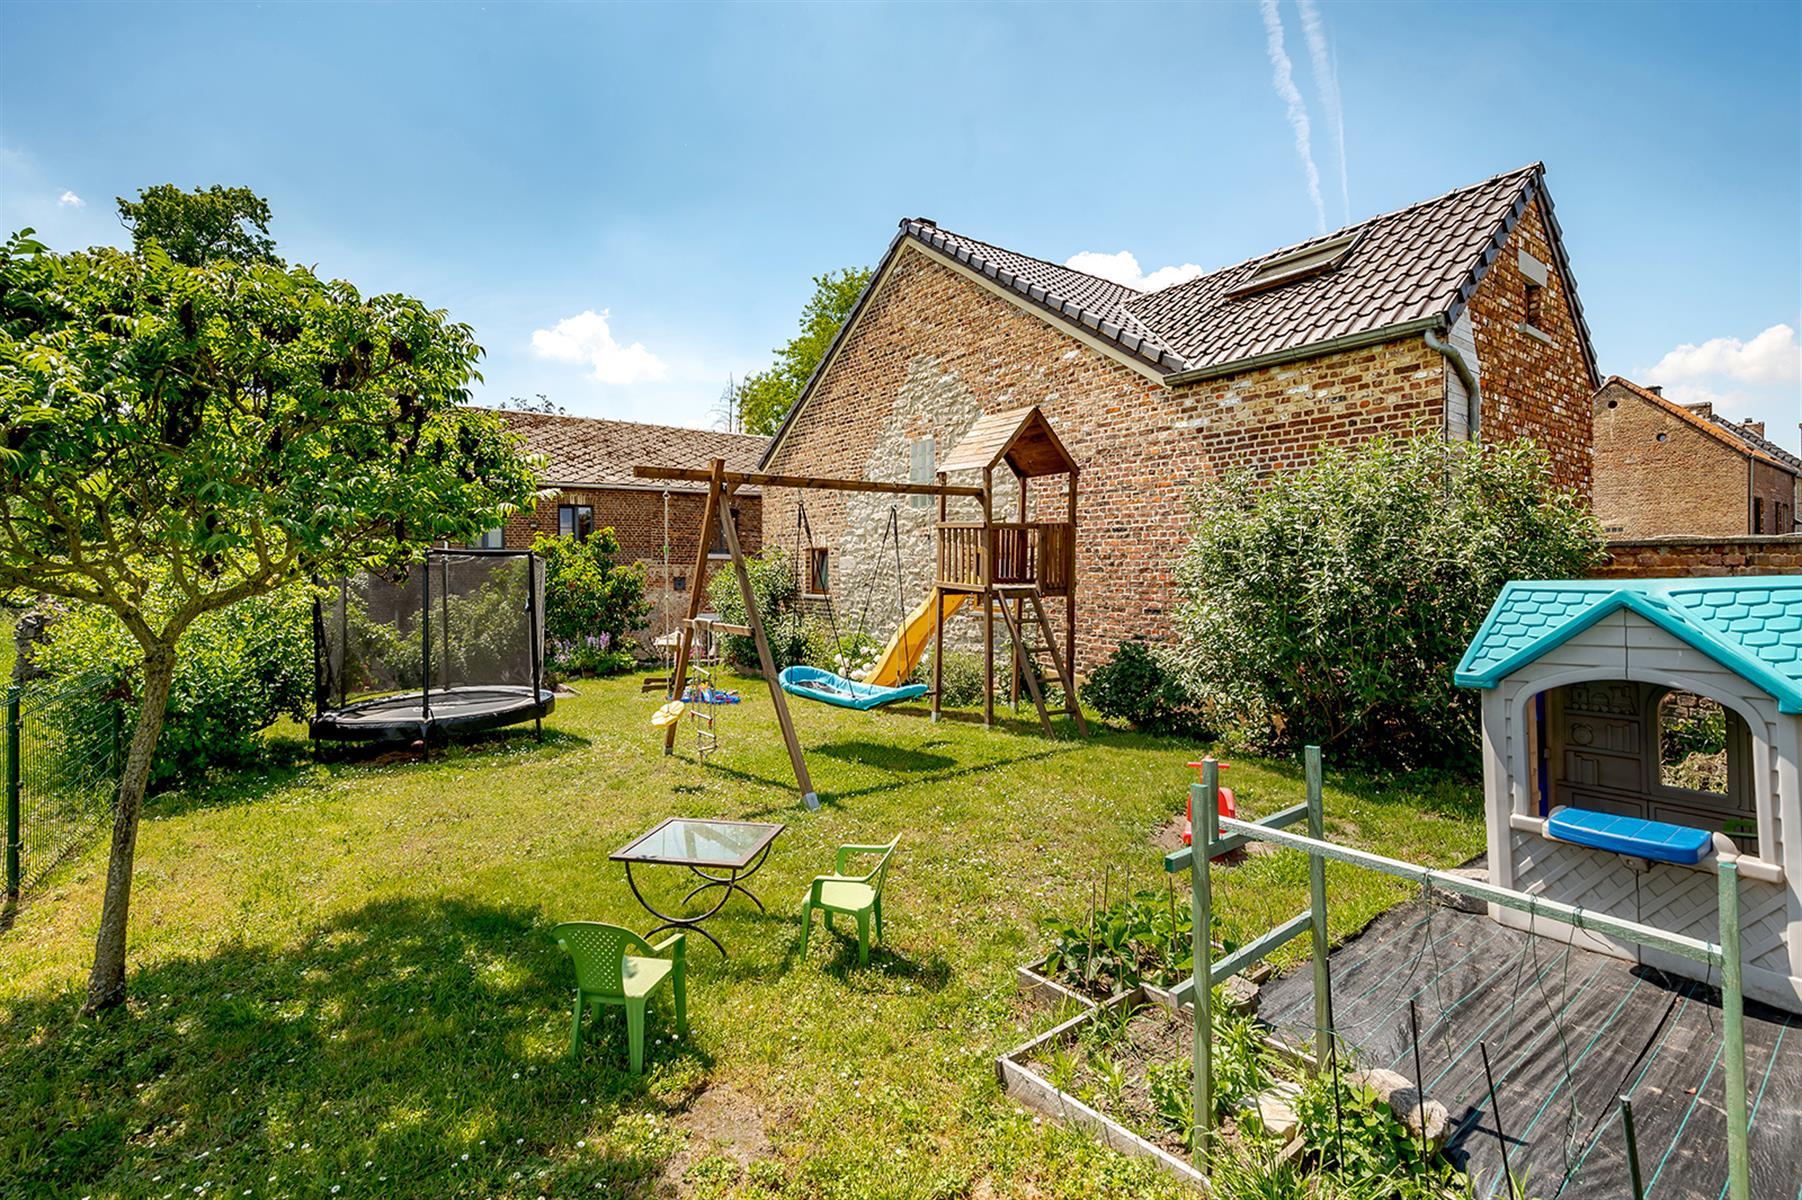 Maison - Villersle-Bouillet Warnant-Dreye - #4392377-24